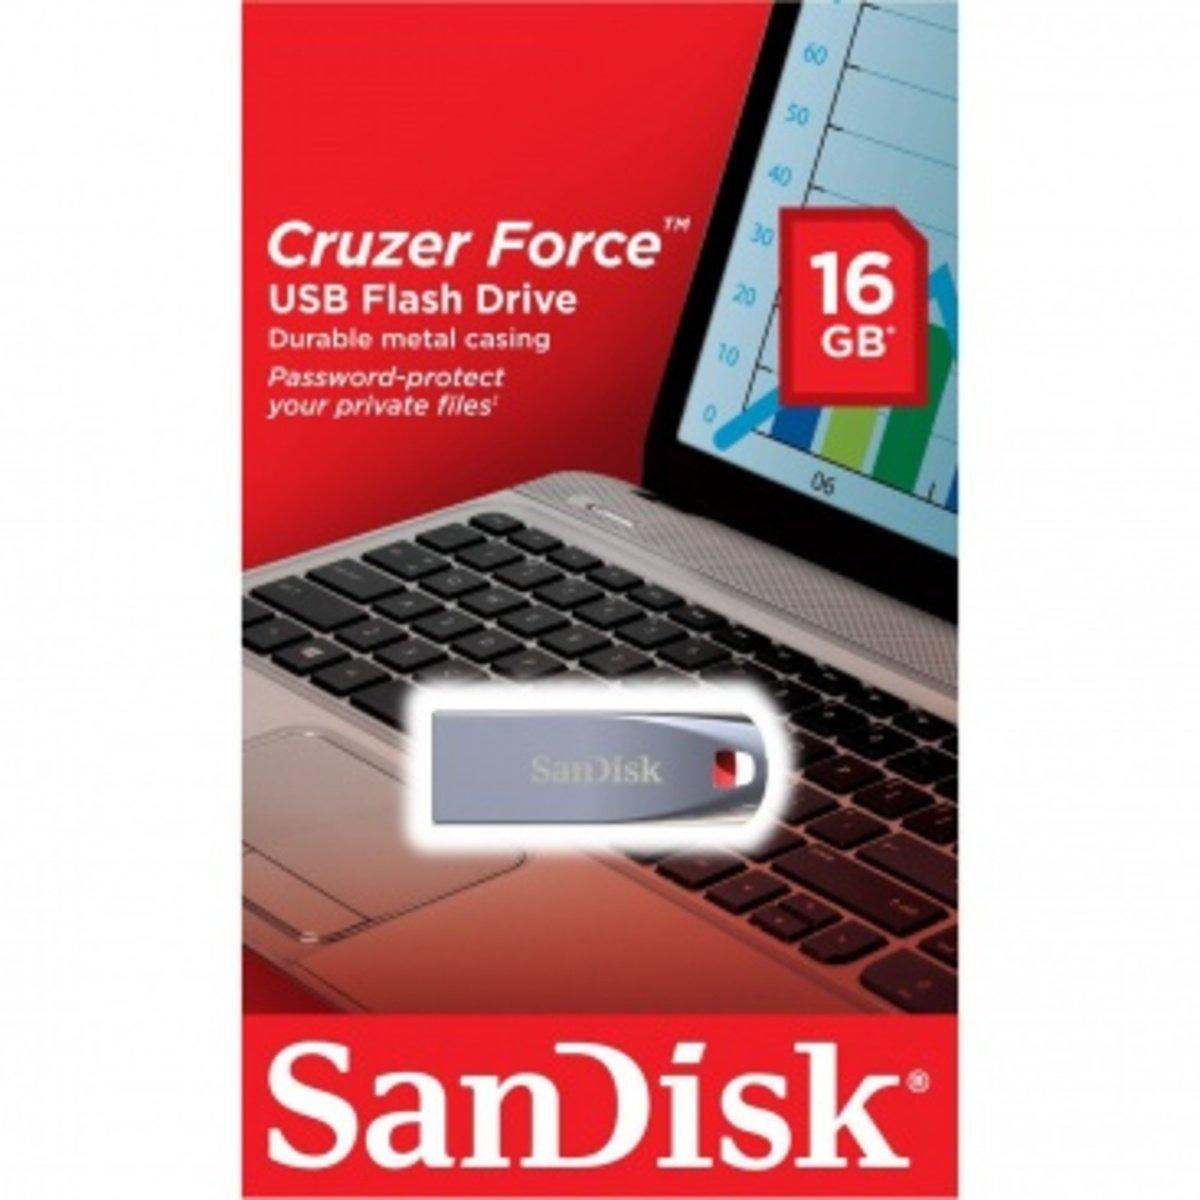 Cruzer Force SDCZ71 USB 金屬外殼記憶手指